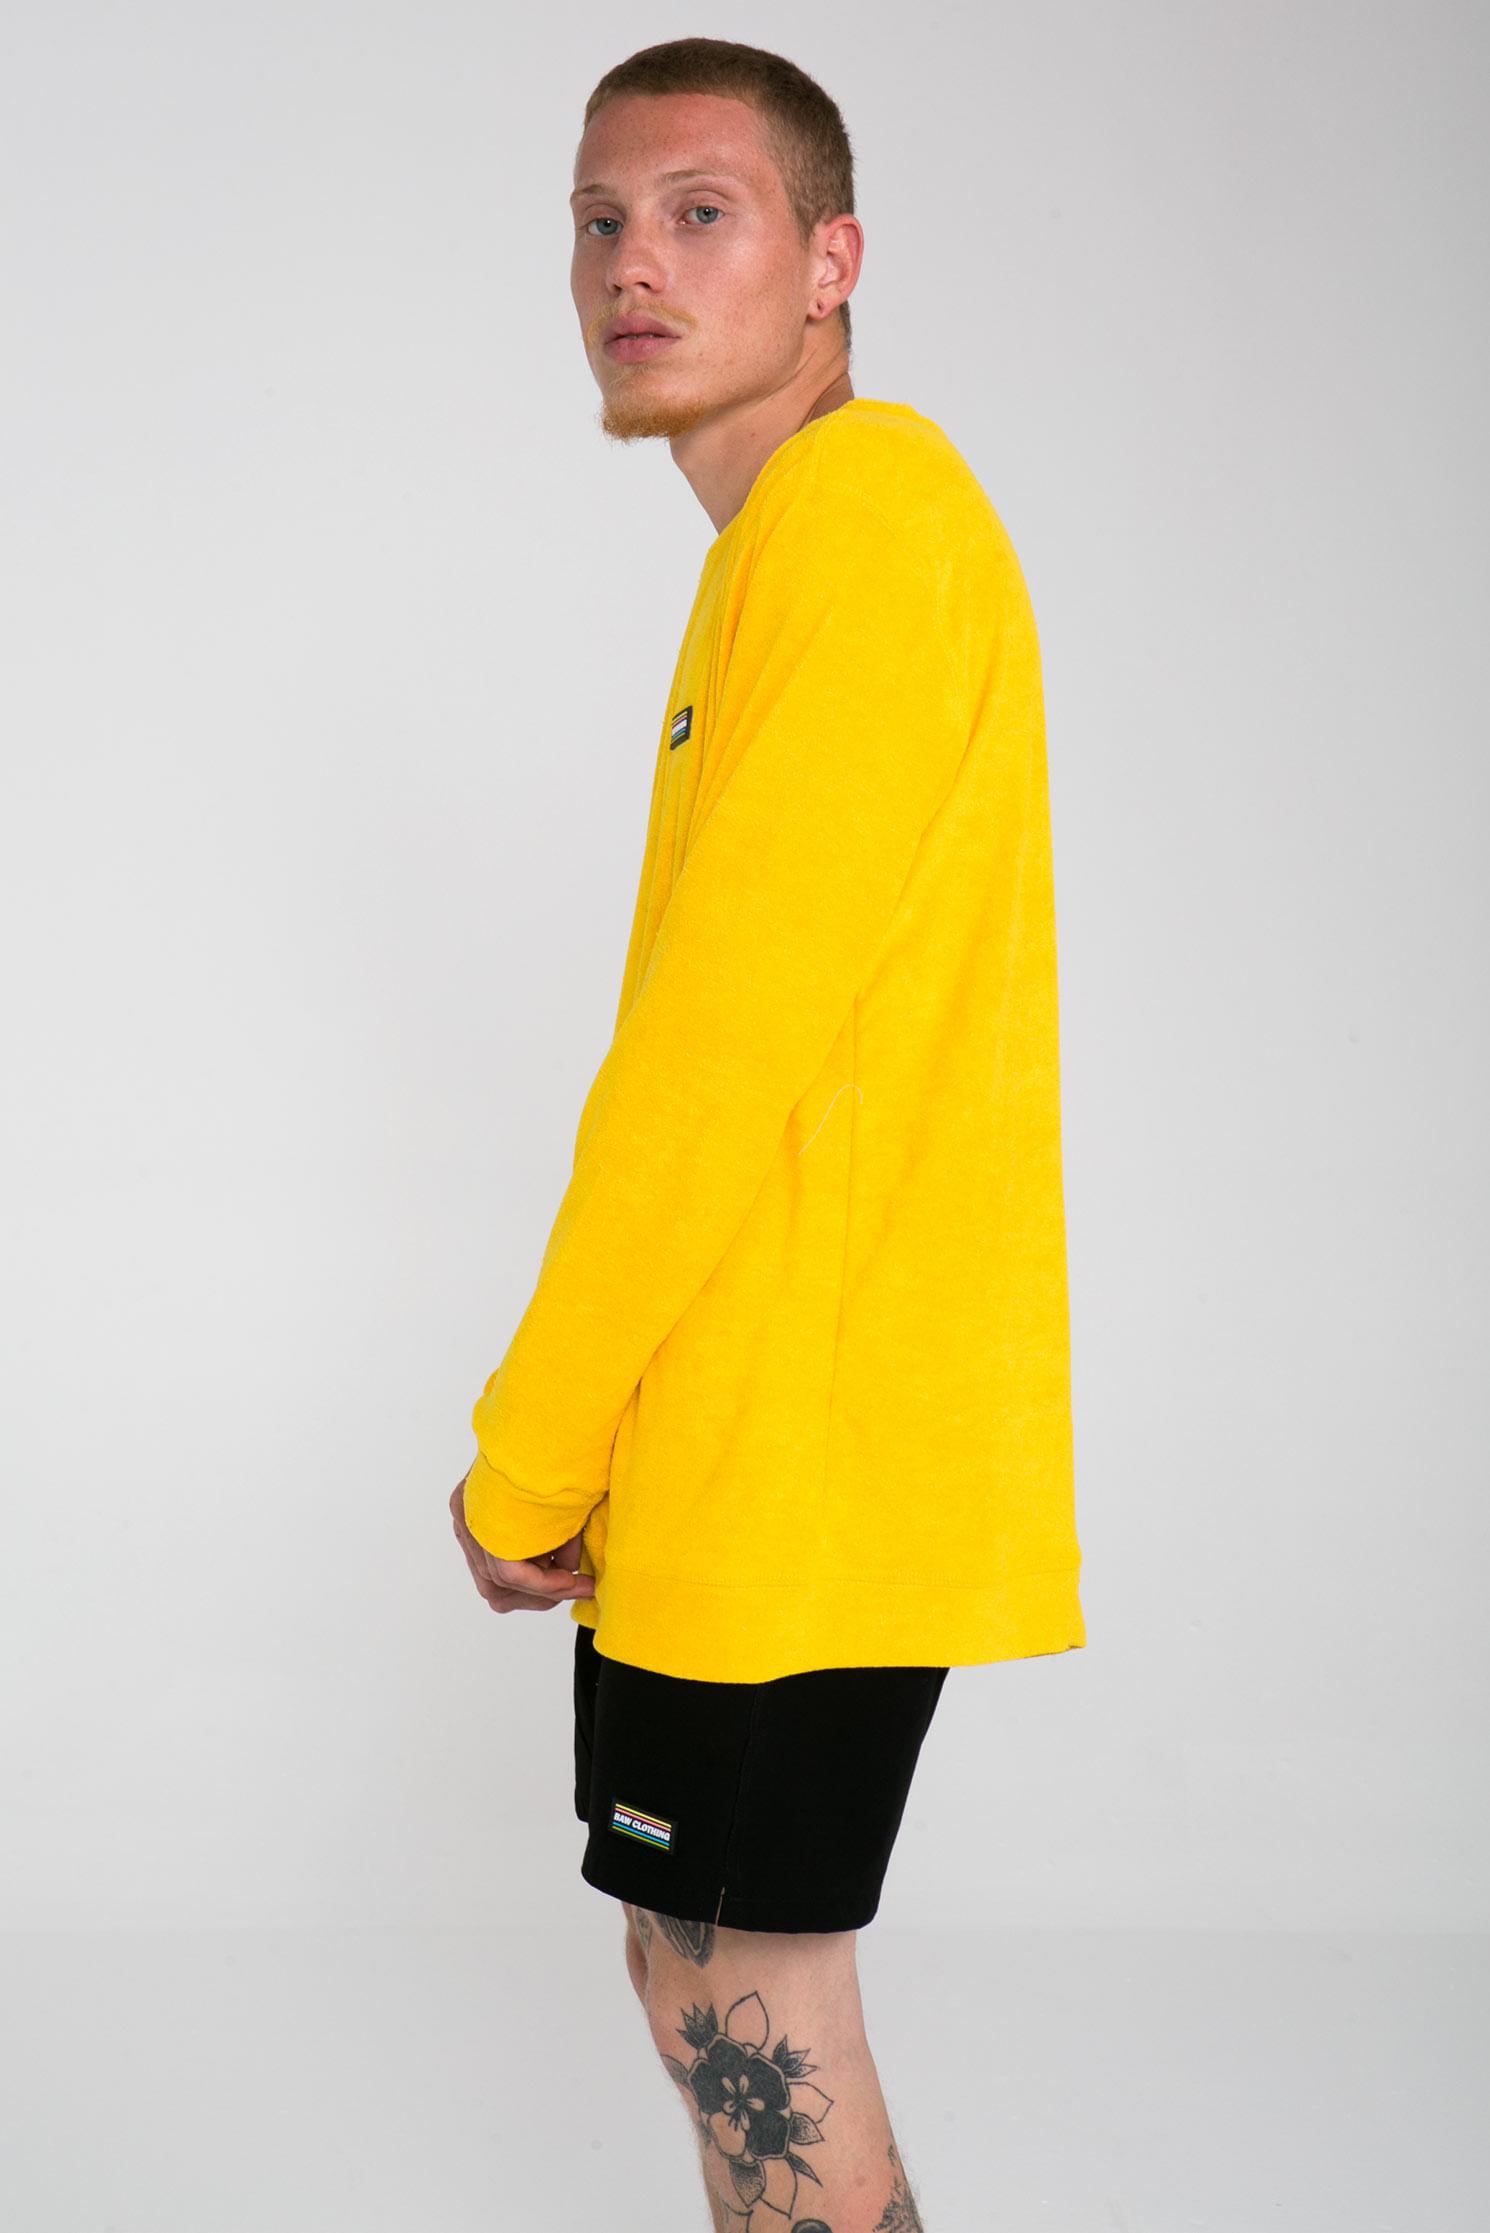 sponge-yellow